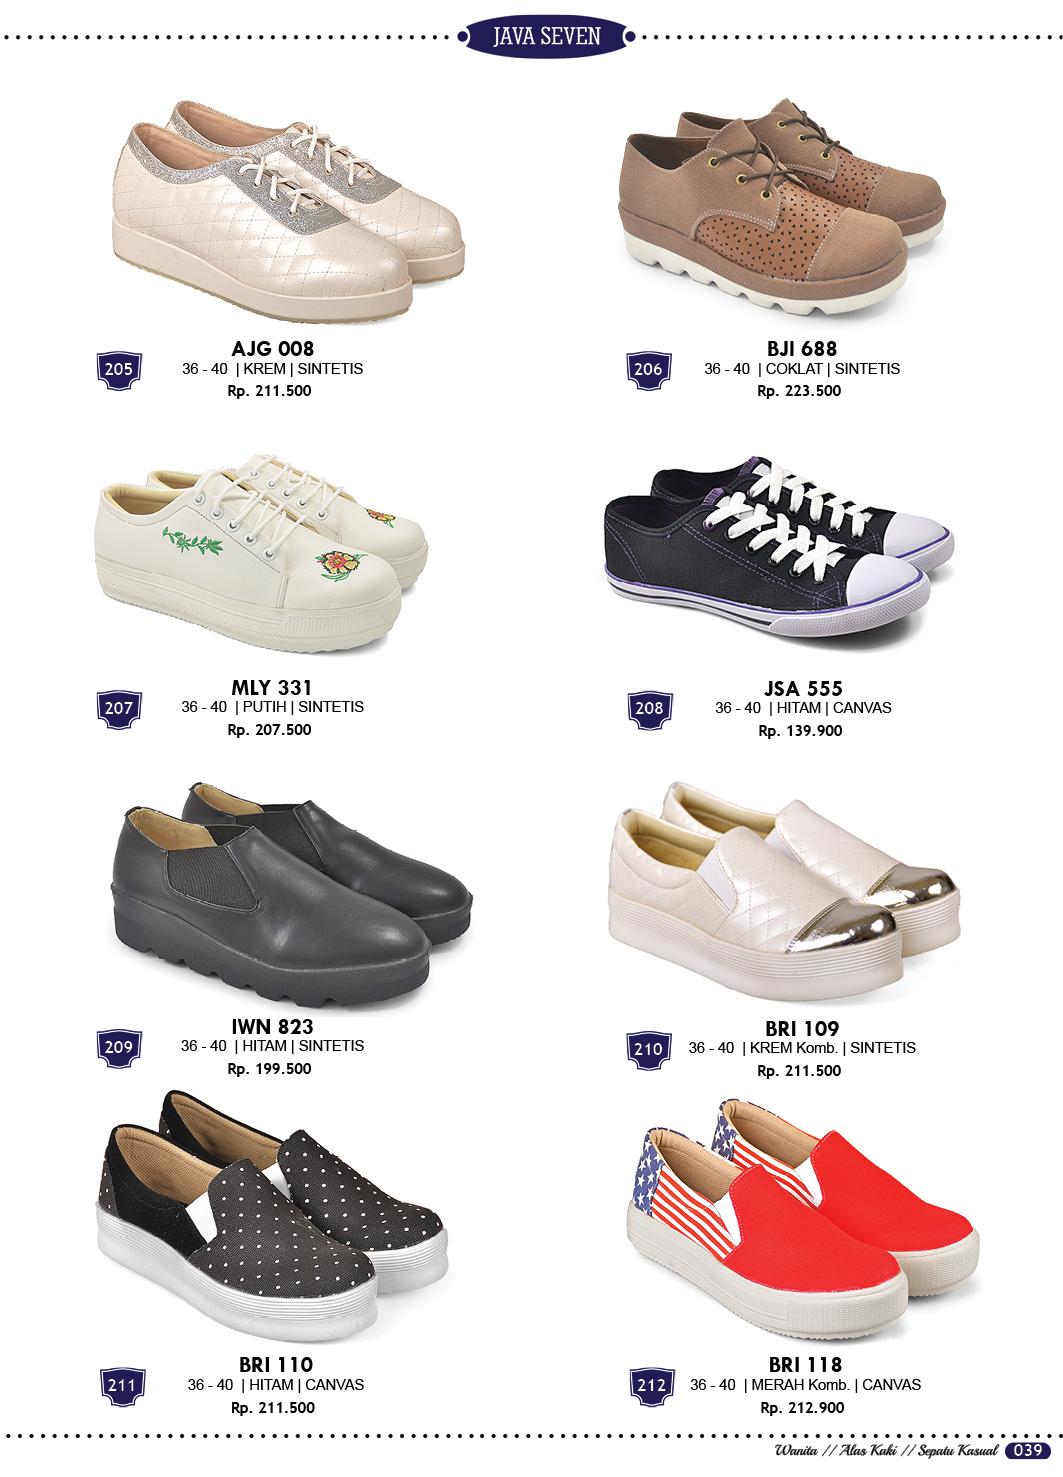 Sepatu Sandal dan Tas Terbaru Katalog Java Seven 2018 ...